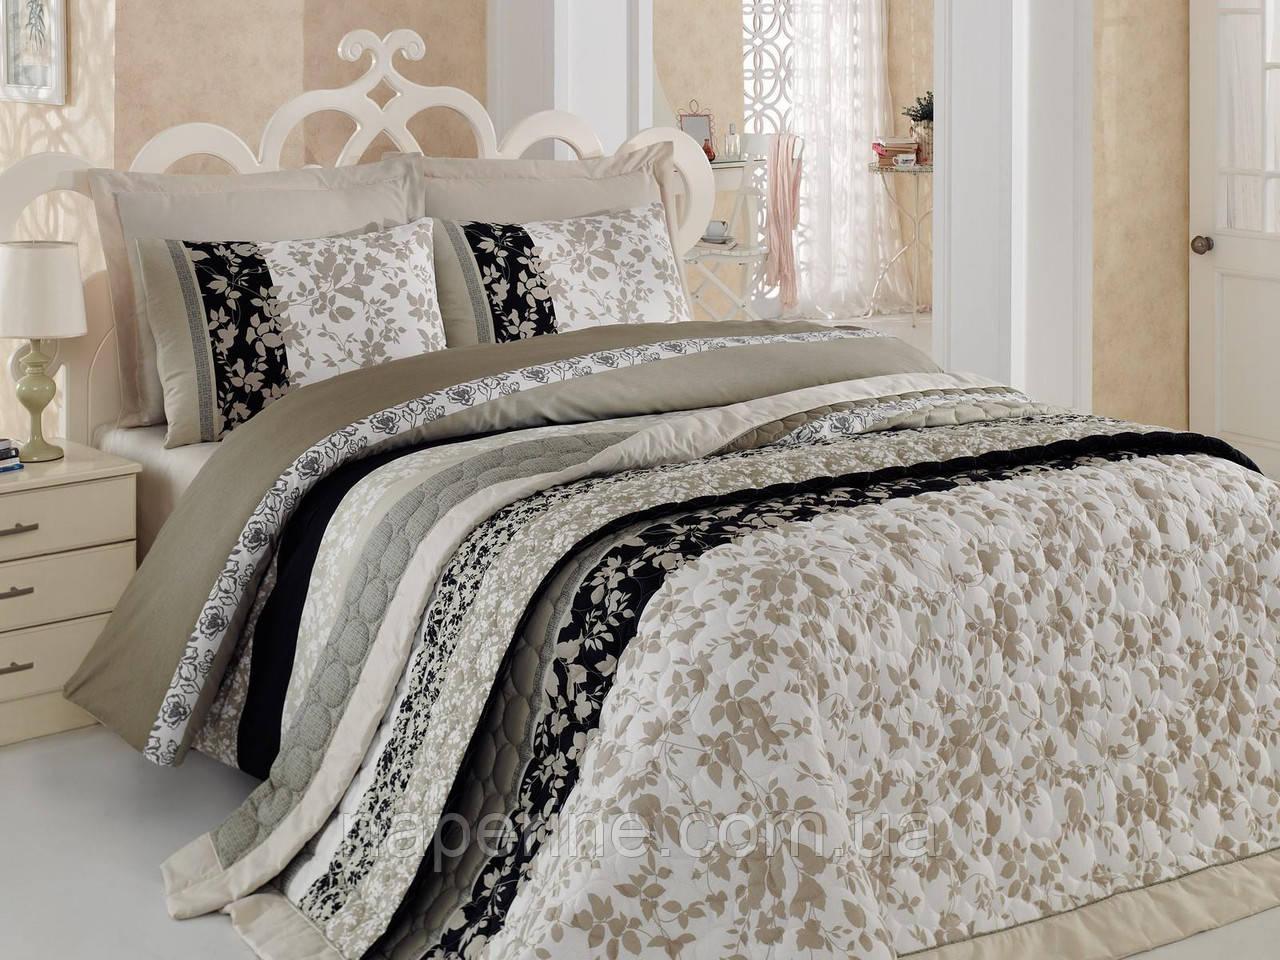 Постельное бельё полуторное  со стёганым летним одеялом Cotton box Deborah